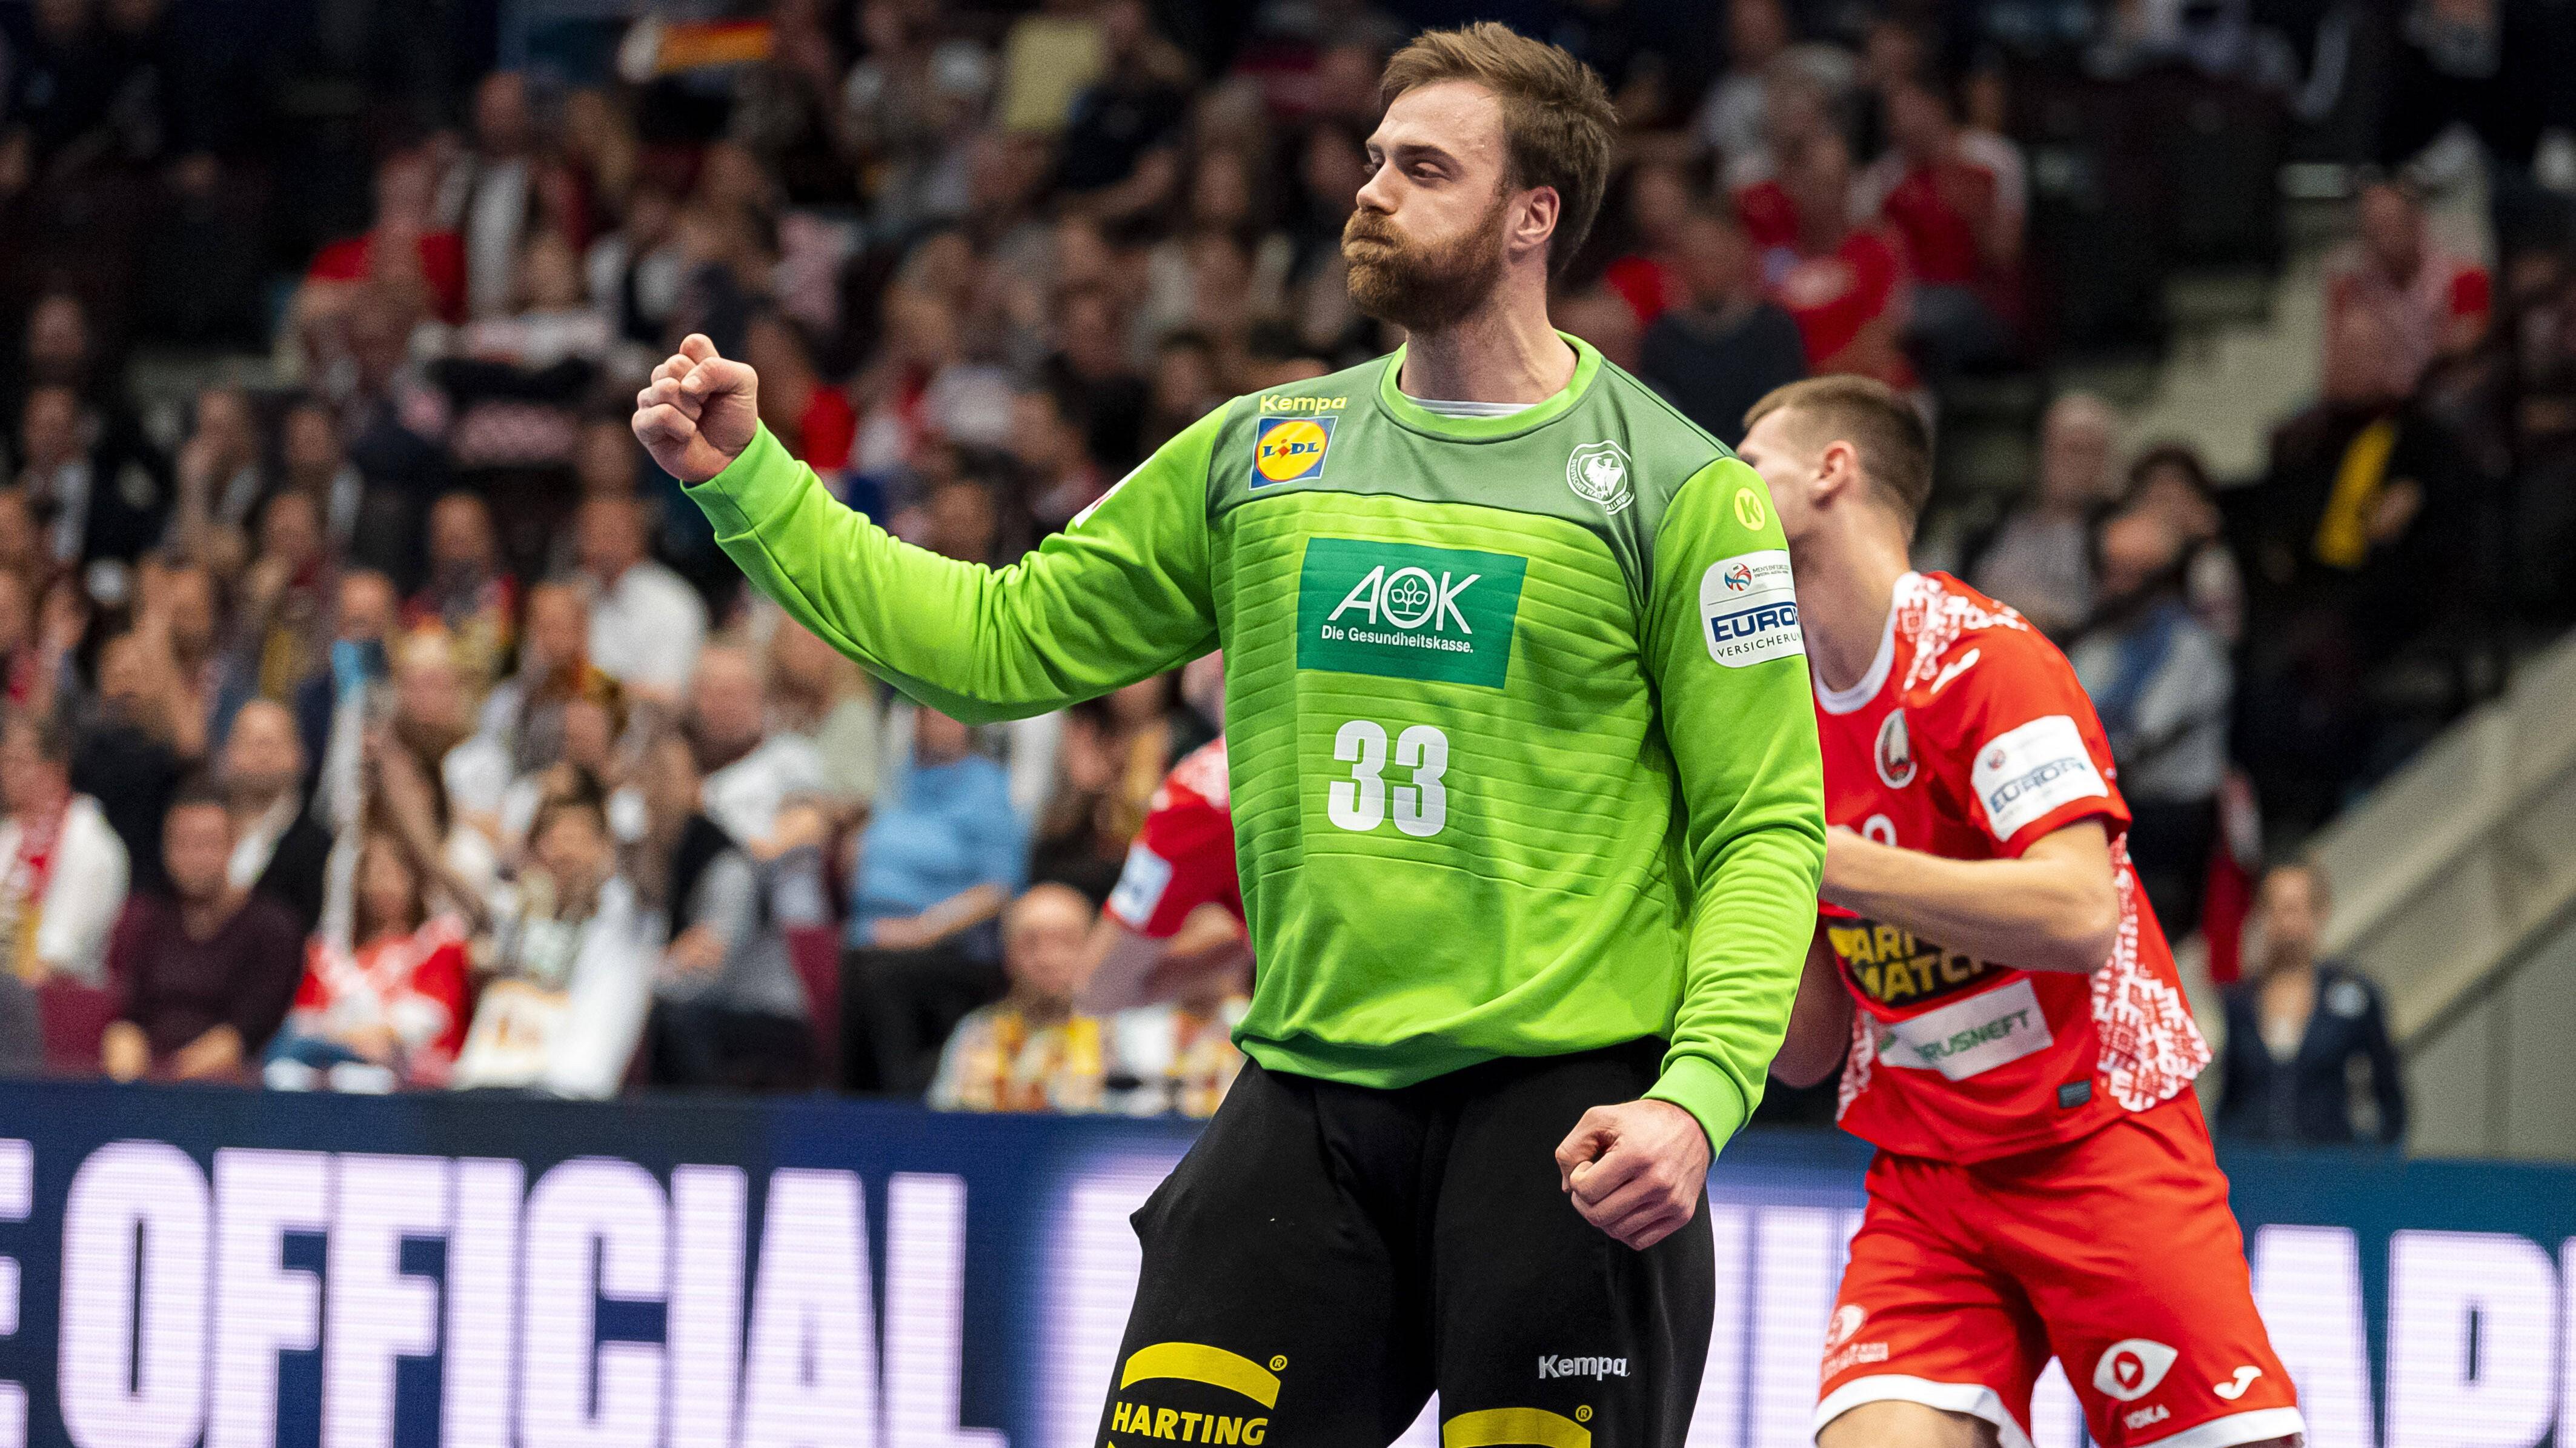 Durchatmen! Deutschland startet mit souveränem Sieg in EM-Hauptrunde